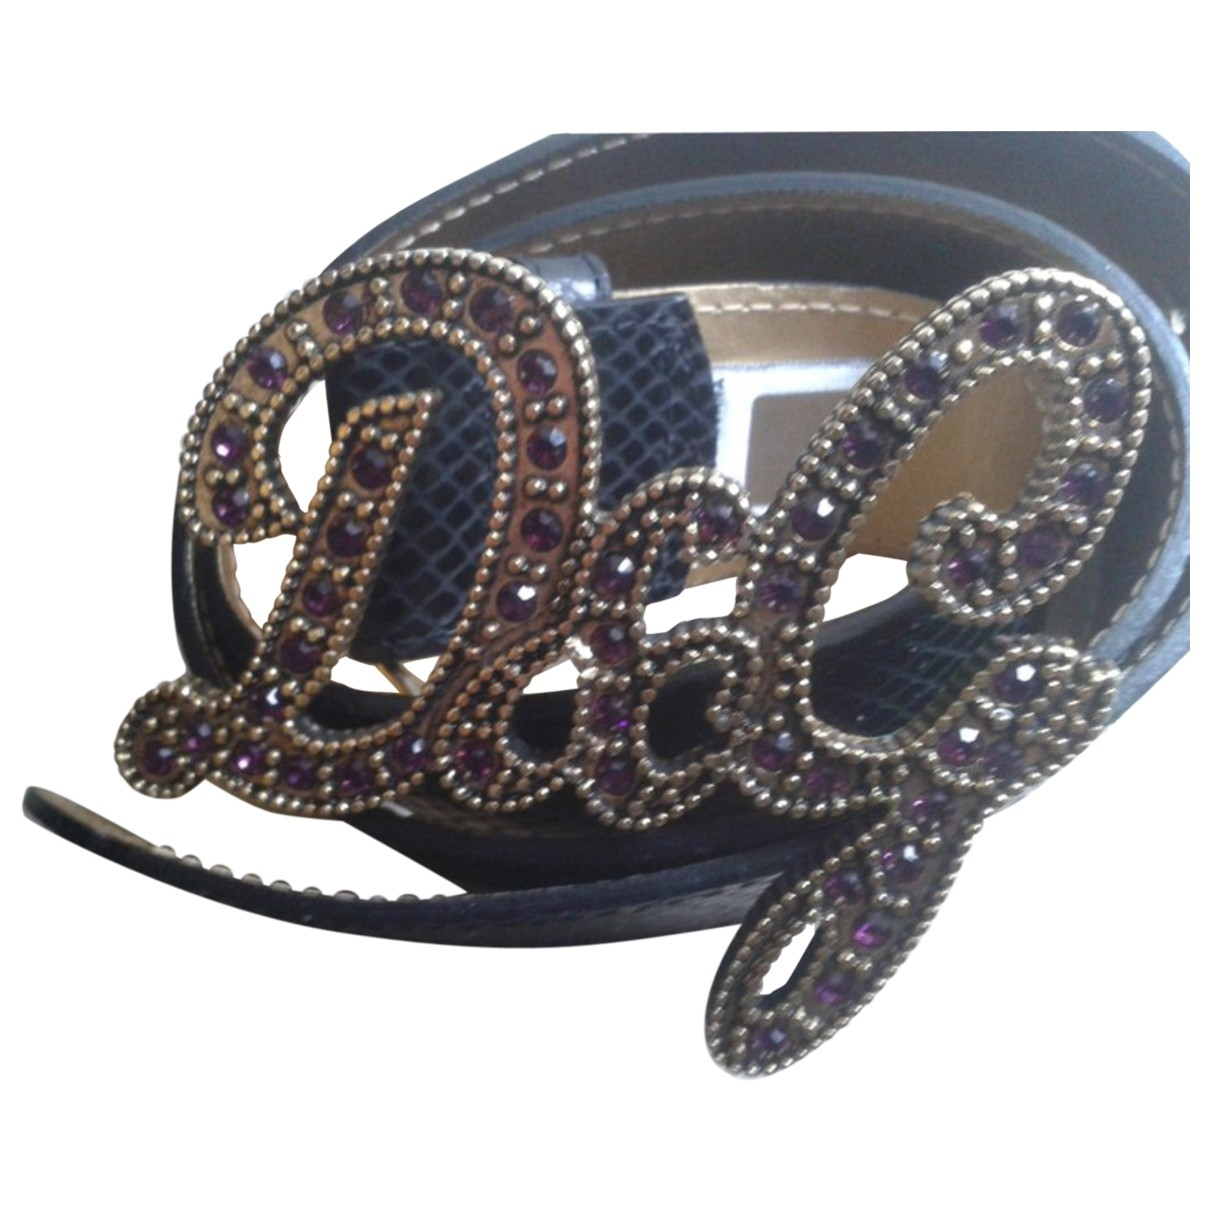 D&g \N Black Leather belt for Women 85 cm